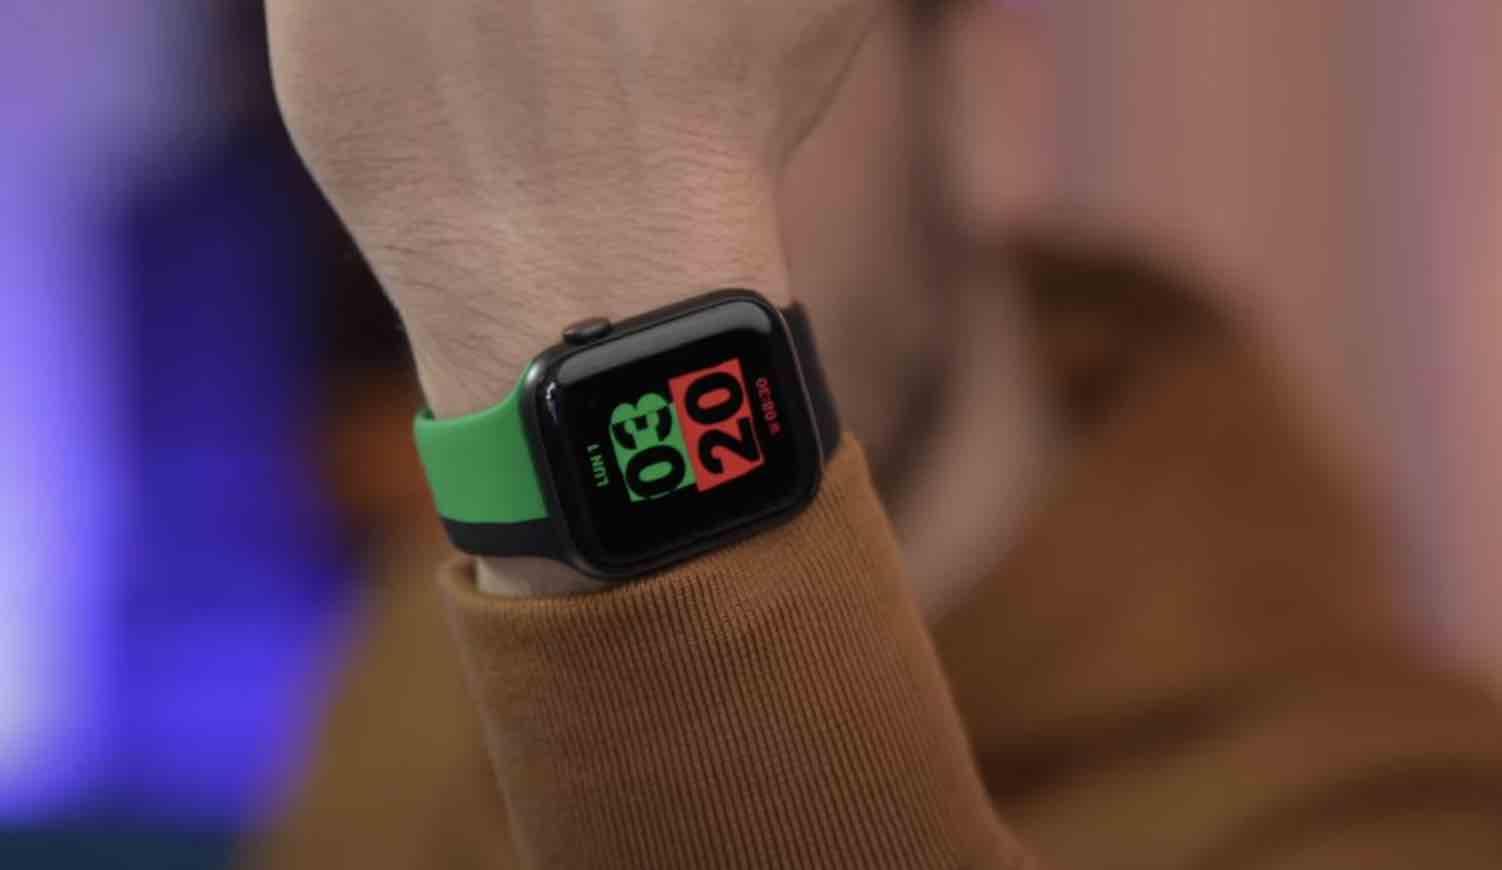 Možno ste zachytili správu, že Apple začalo s predajom limitovanej edície Apple Watch Series 6 Black Unity. Tento unikátny model sa už dostal ku prvým majiteľom a vy si teraz môžete pozrieť unboxing videá či prvé dojmy.